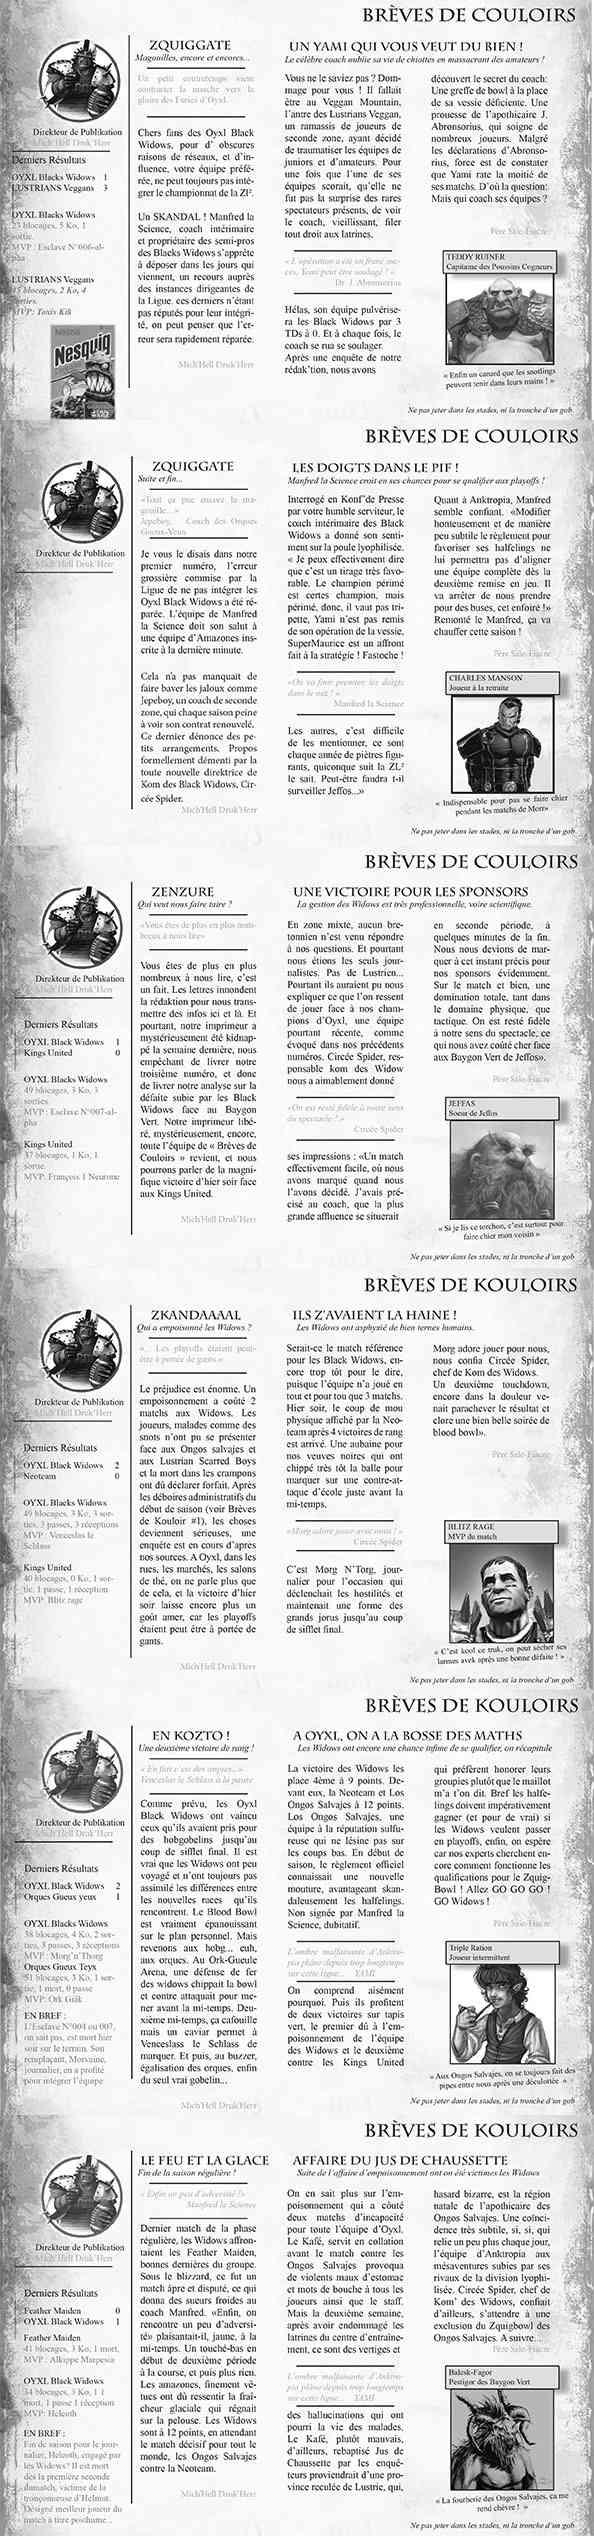 BREVES DE KOULOIR - Saison 2528 Breves16